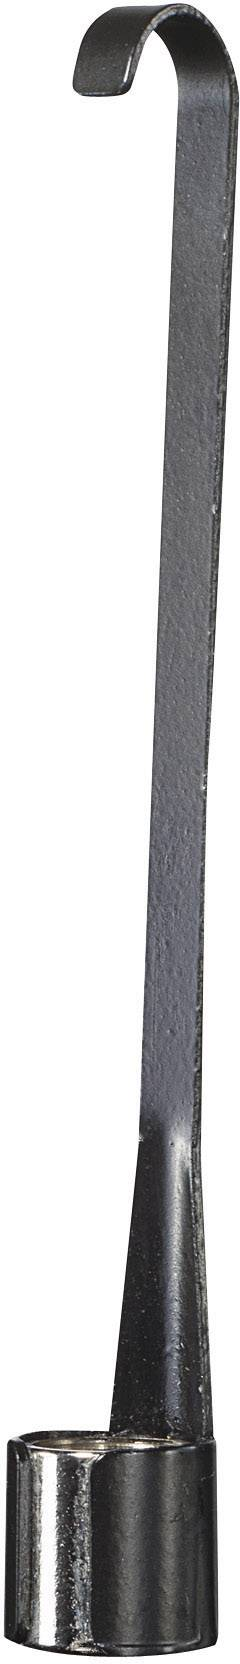 Háček pro sondy Voltcraft s Ø 5,5 mm